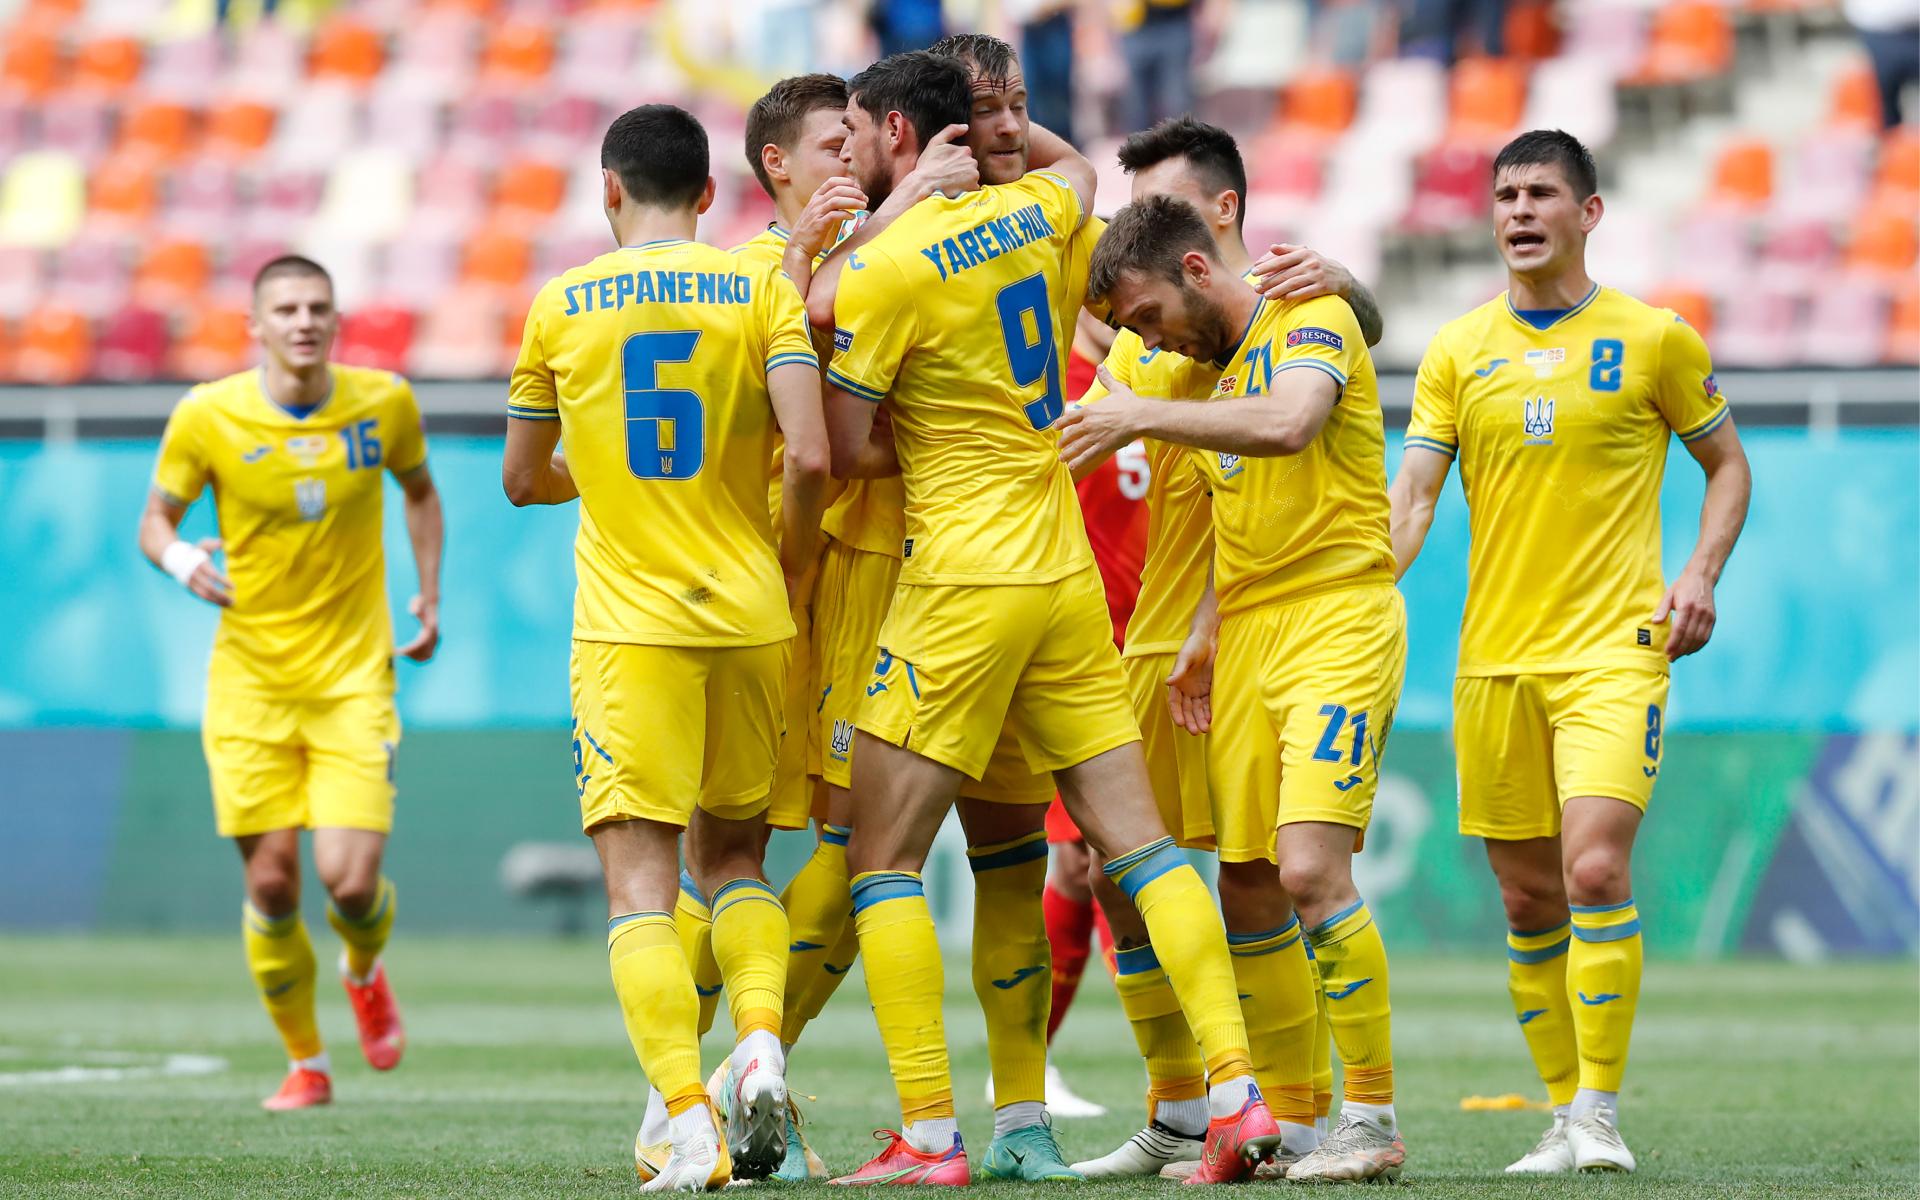 Фото: Игроки сборной Украины (Robert Ghement - Pool/Getty Images)